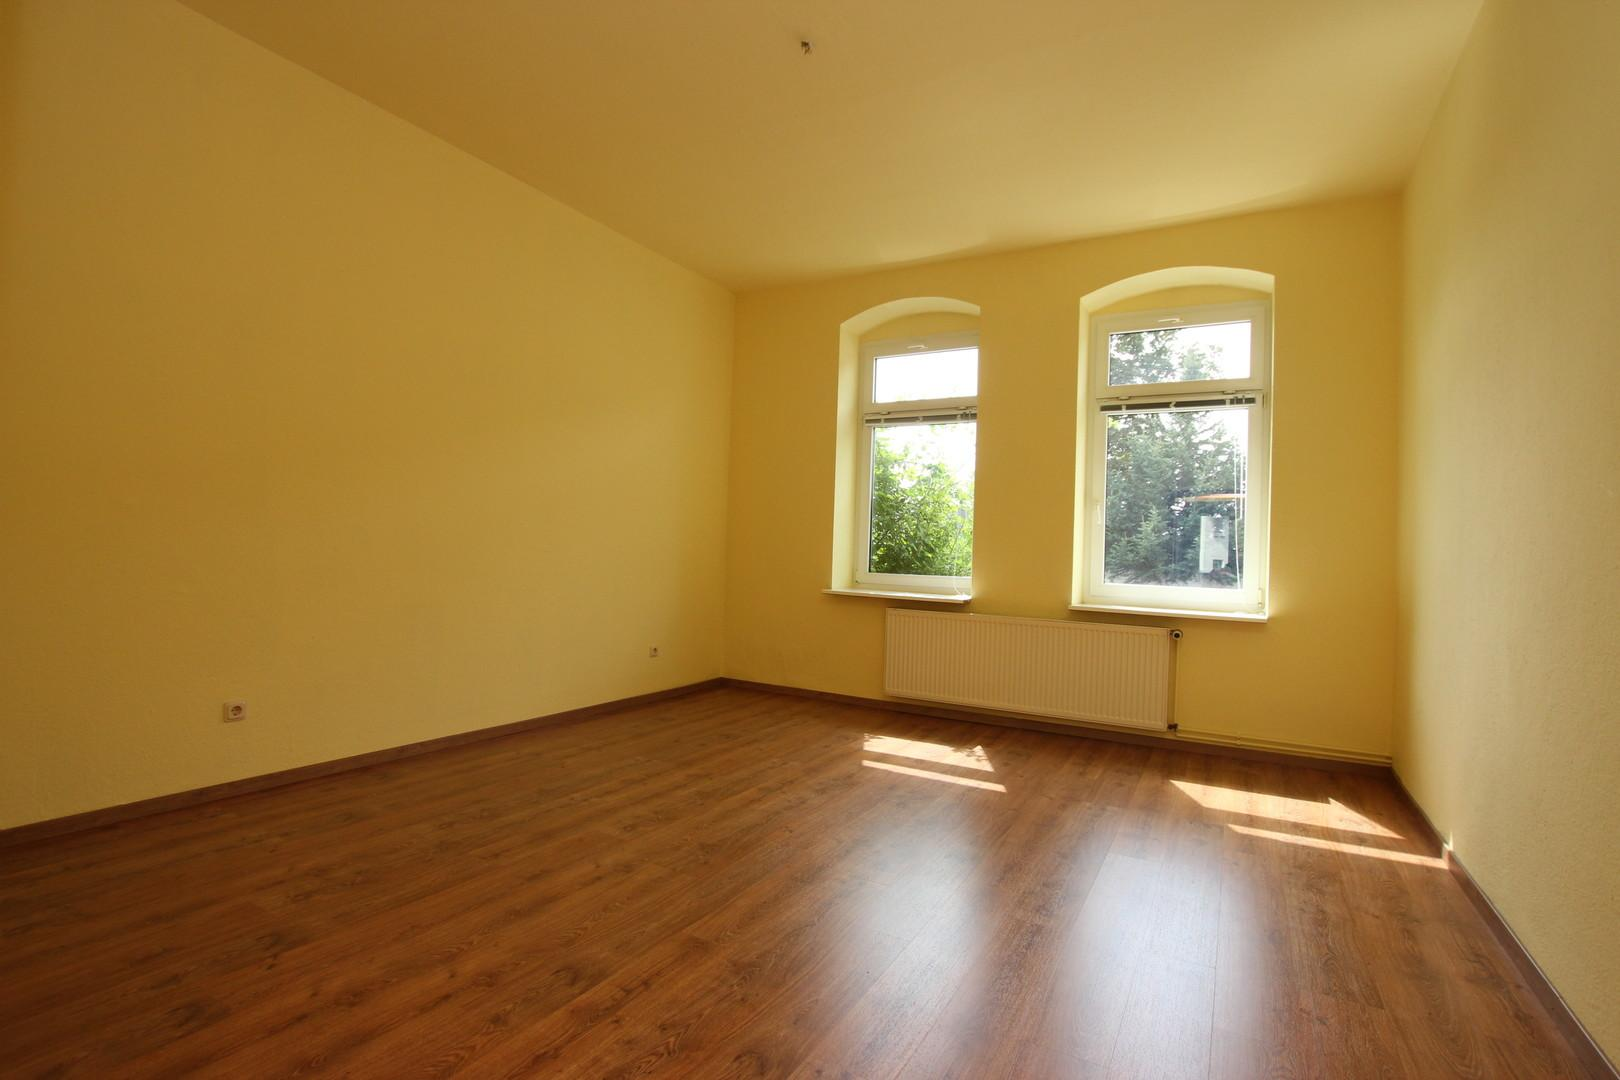 Wohnung Mieten Fußboden ~ Wohnung mieten gardelegen diese wohnung verfügt über ein vollbad